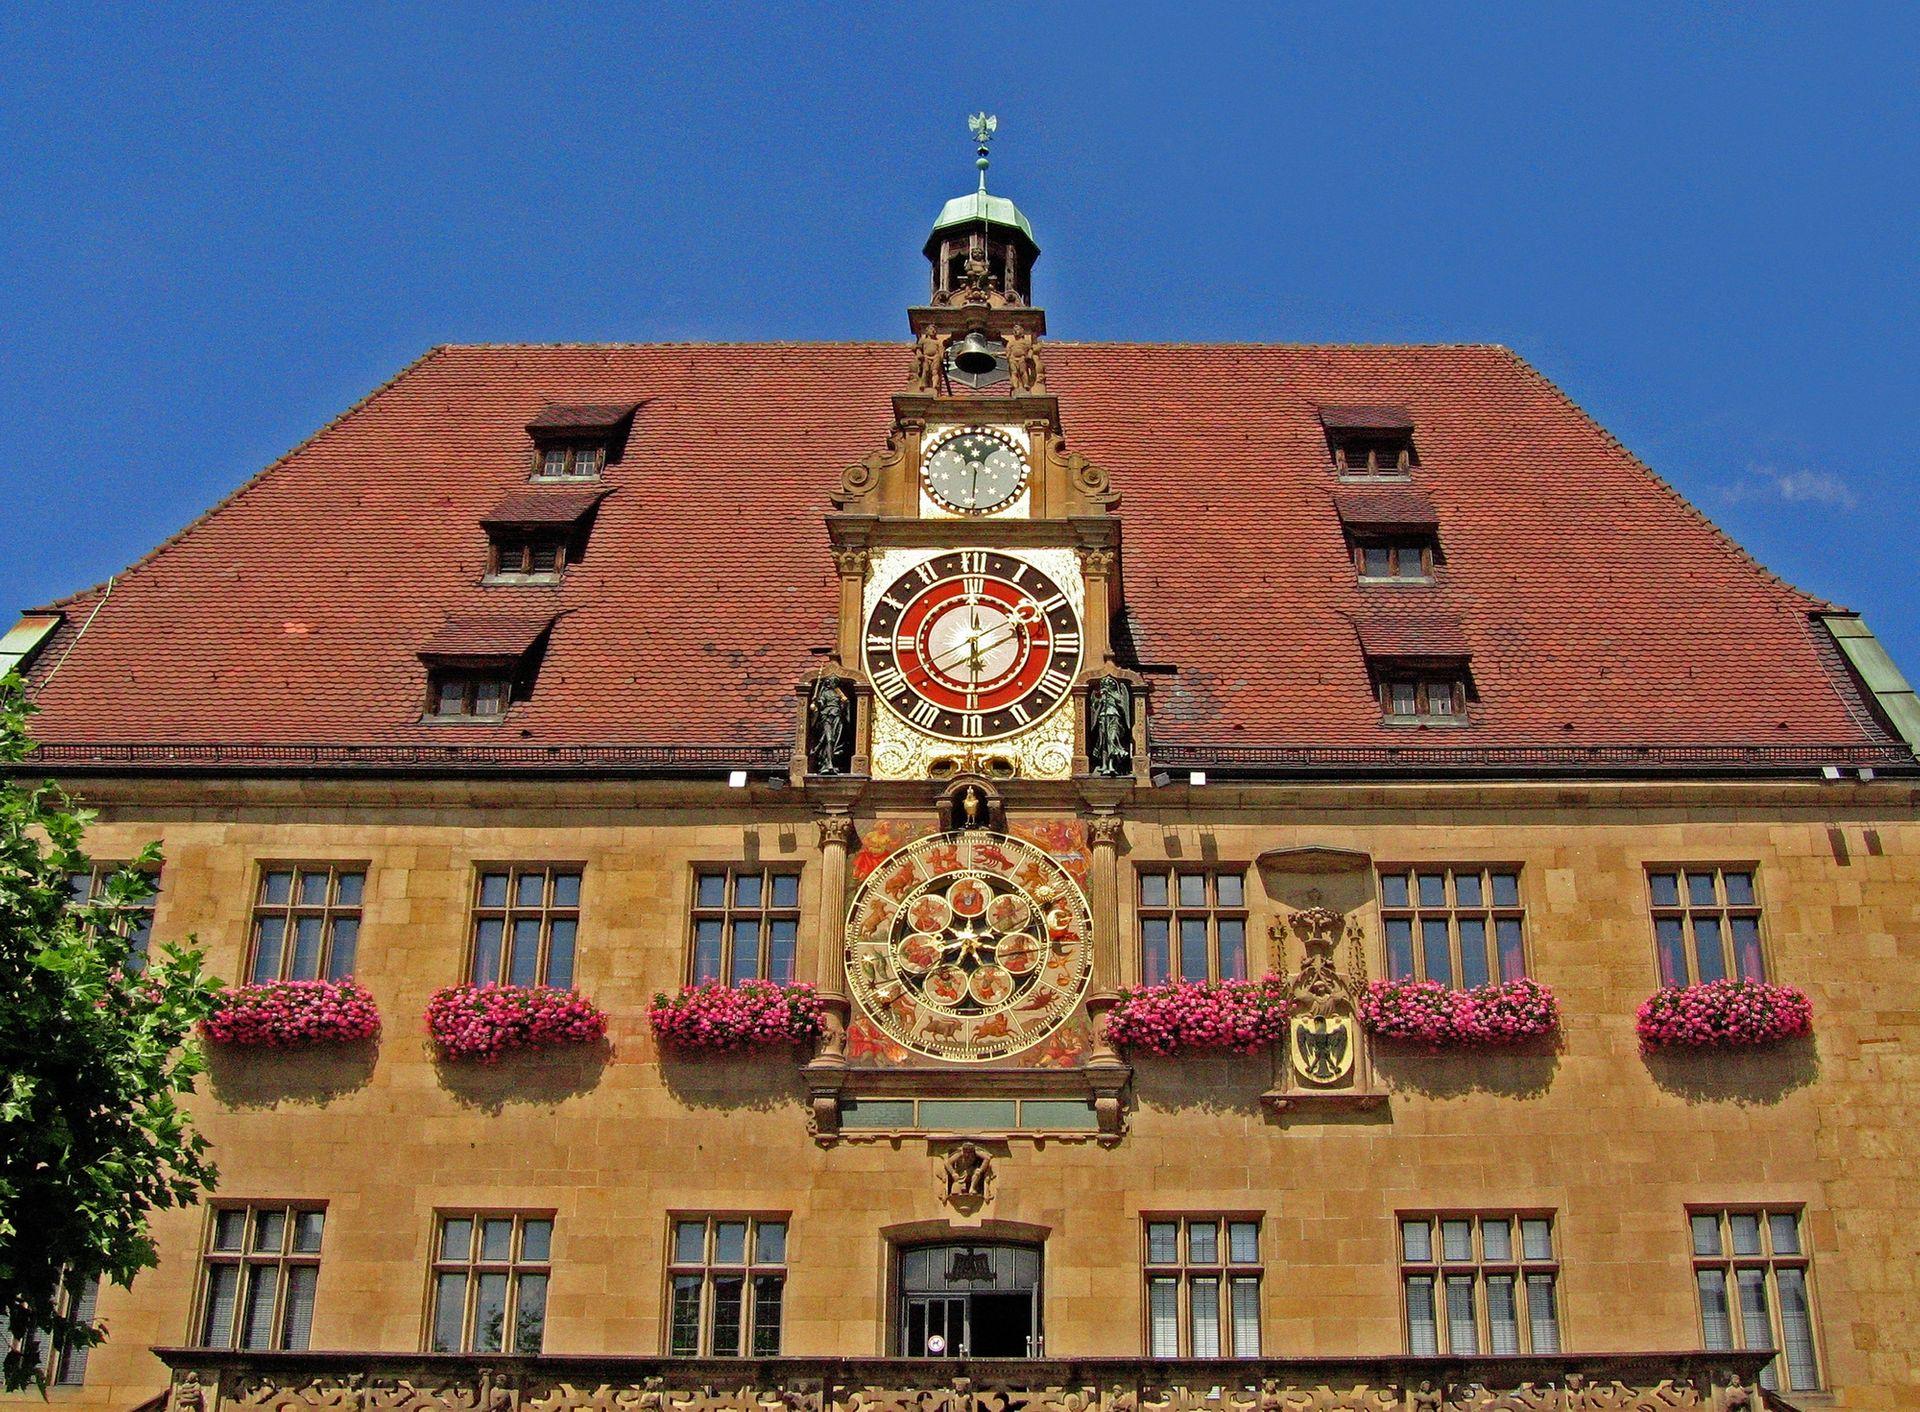 Anticimex Kammerjäger in Heilbronn